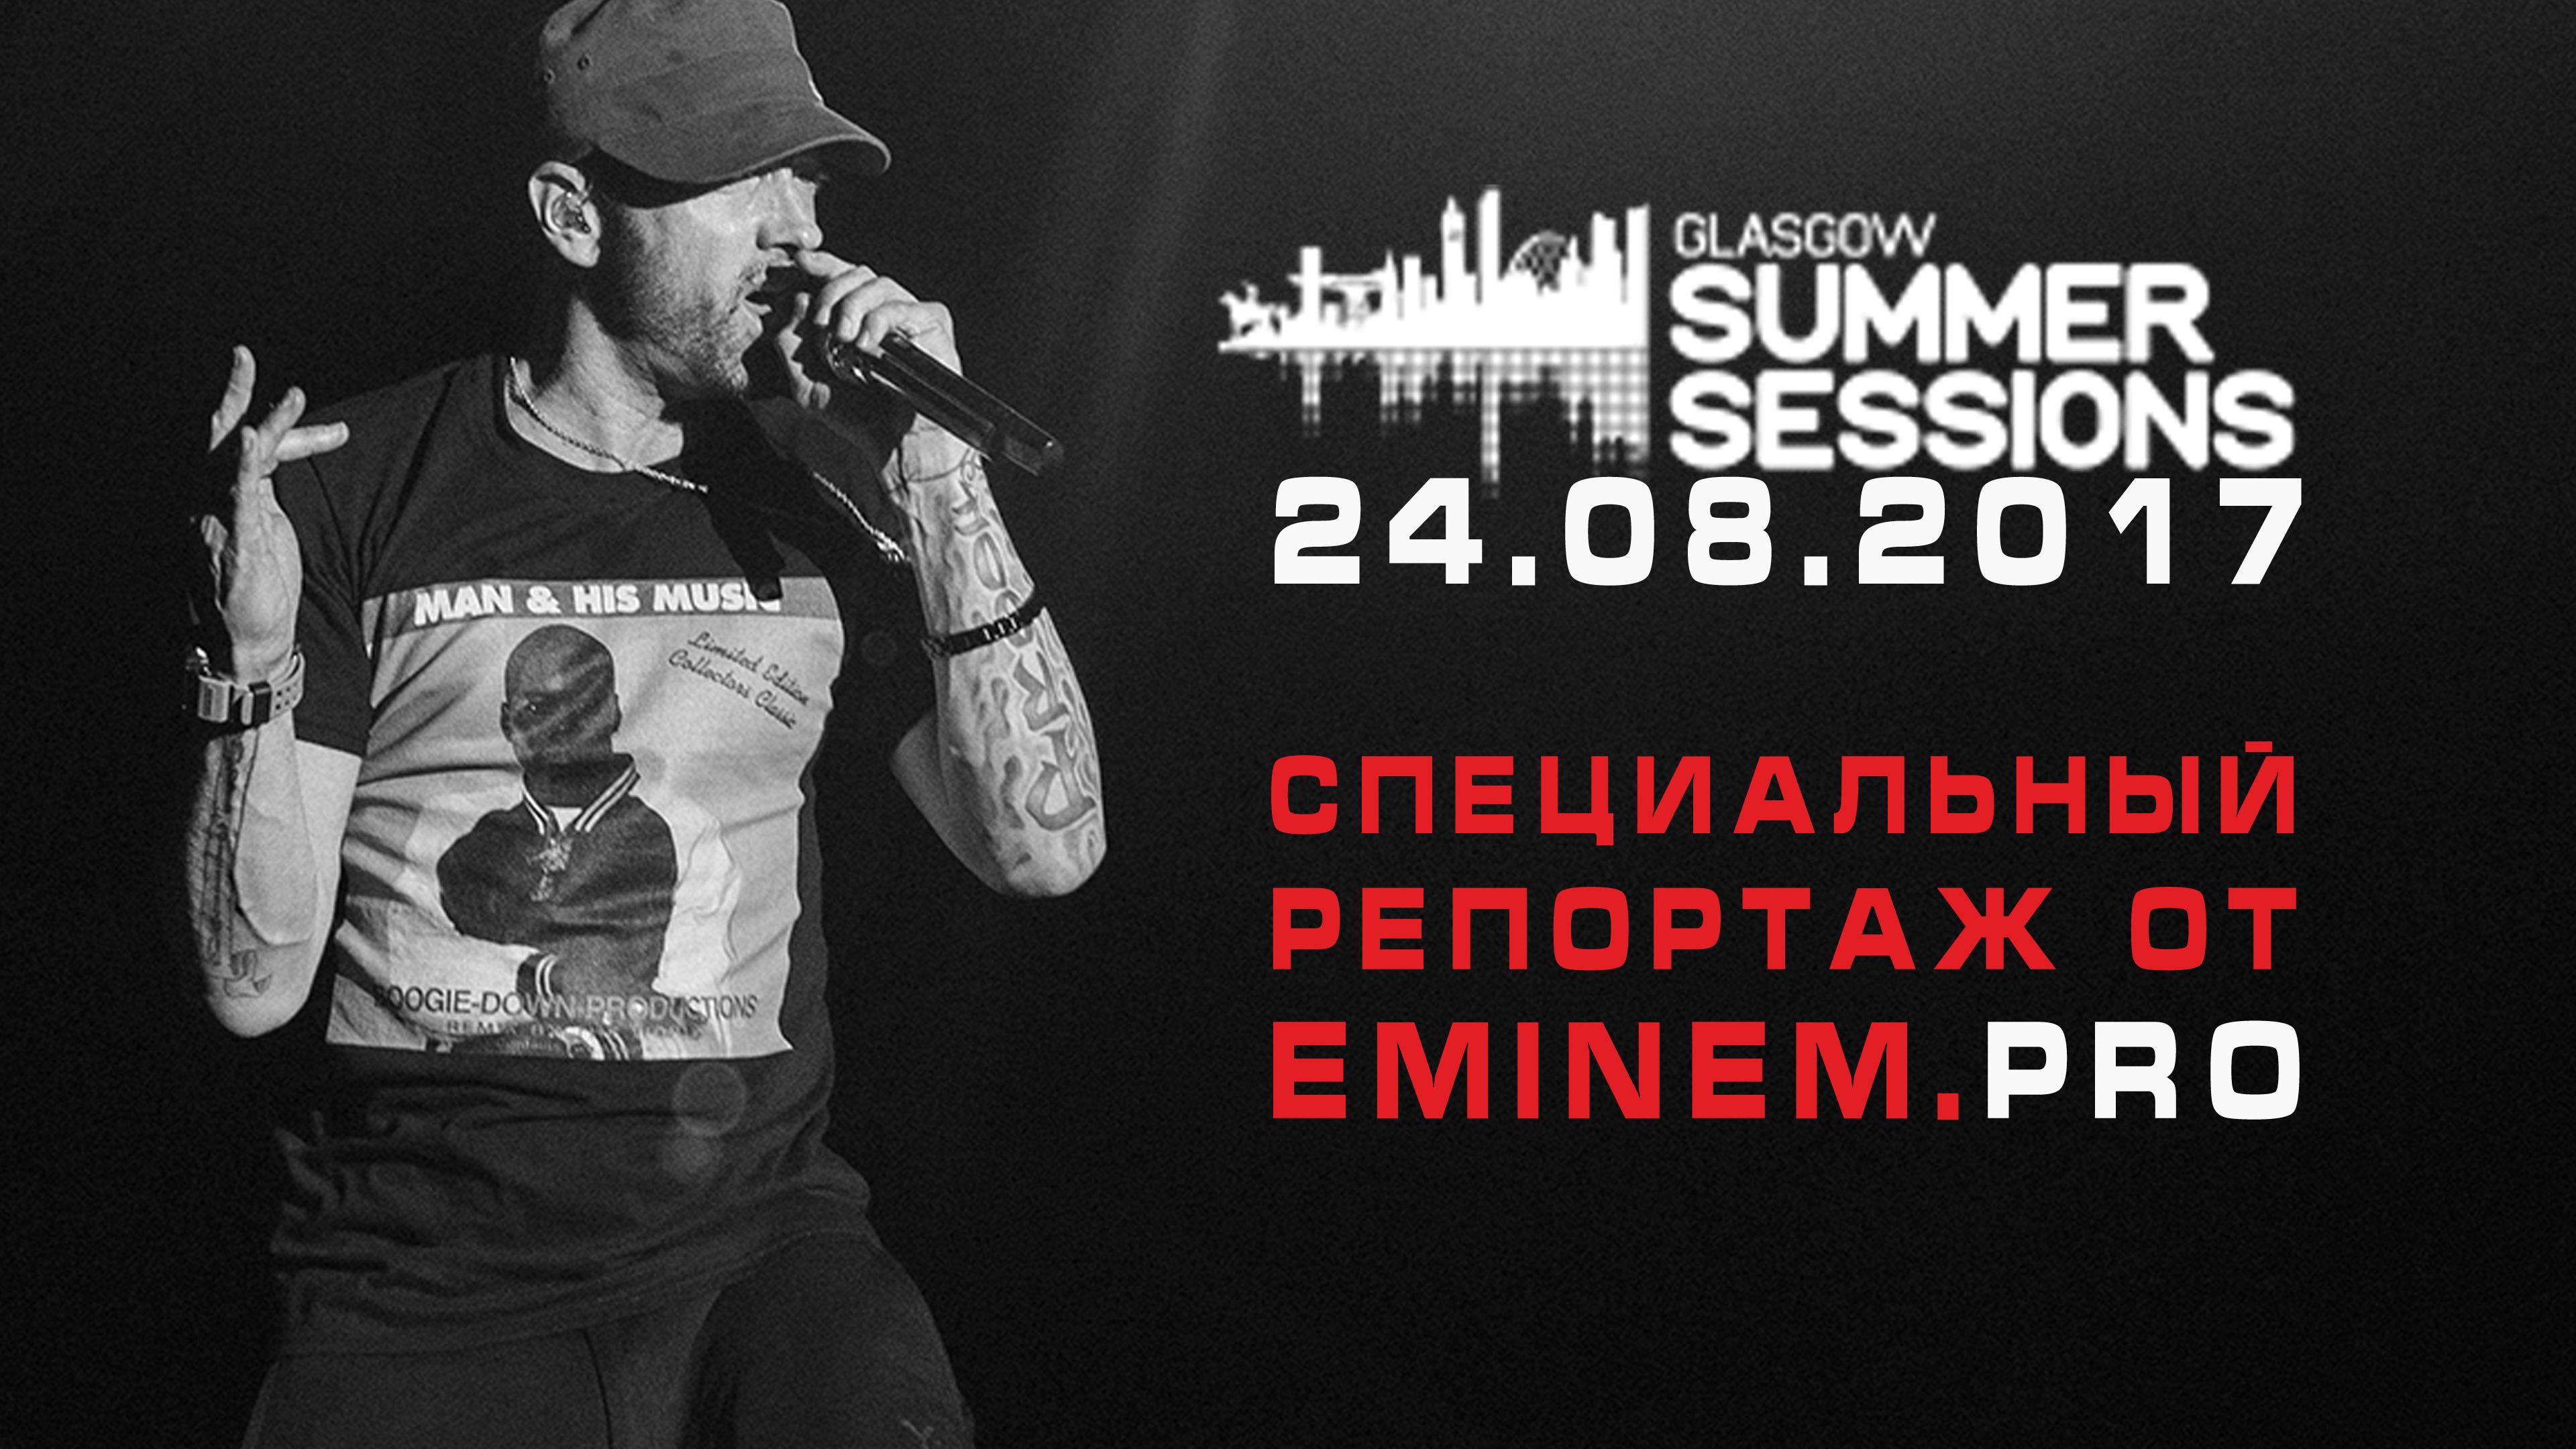 [Эксклюзив Eminem.Pro] Специальный репортаж с концерта Эминема в Глазго 24 августа 2017 года. Во всех подробностях